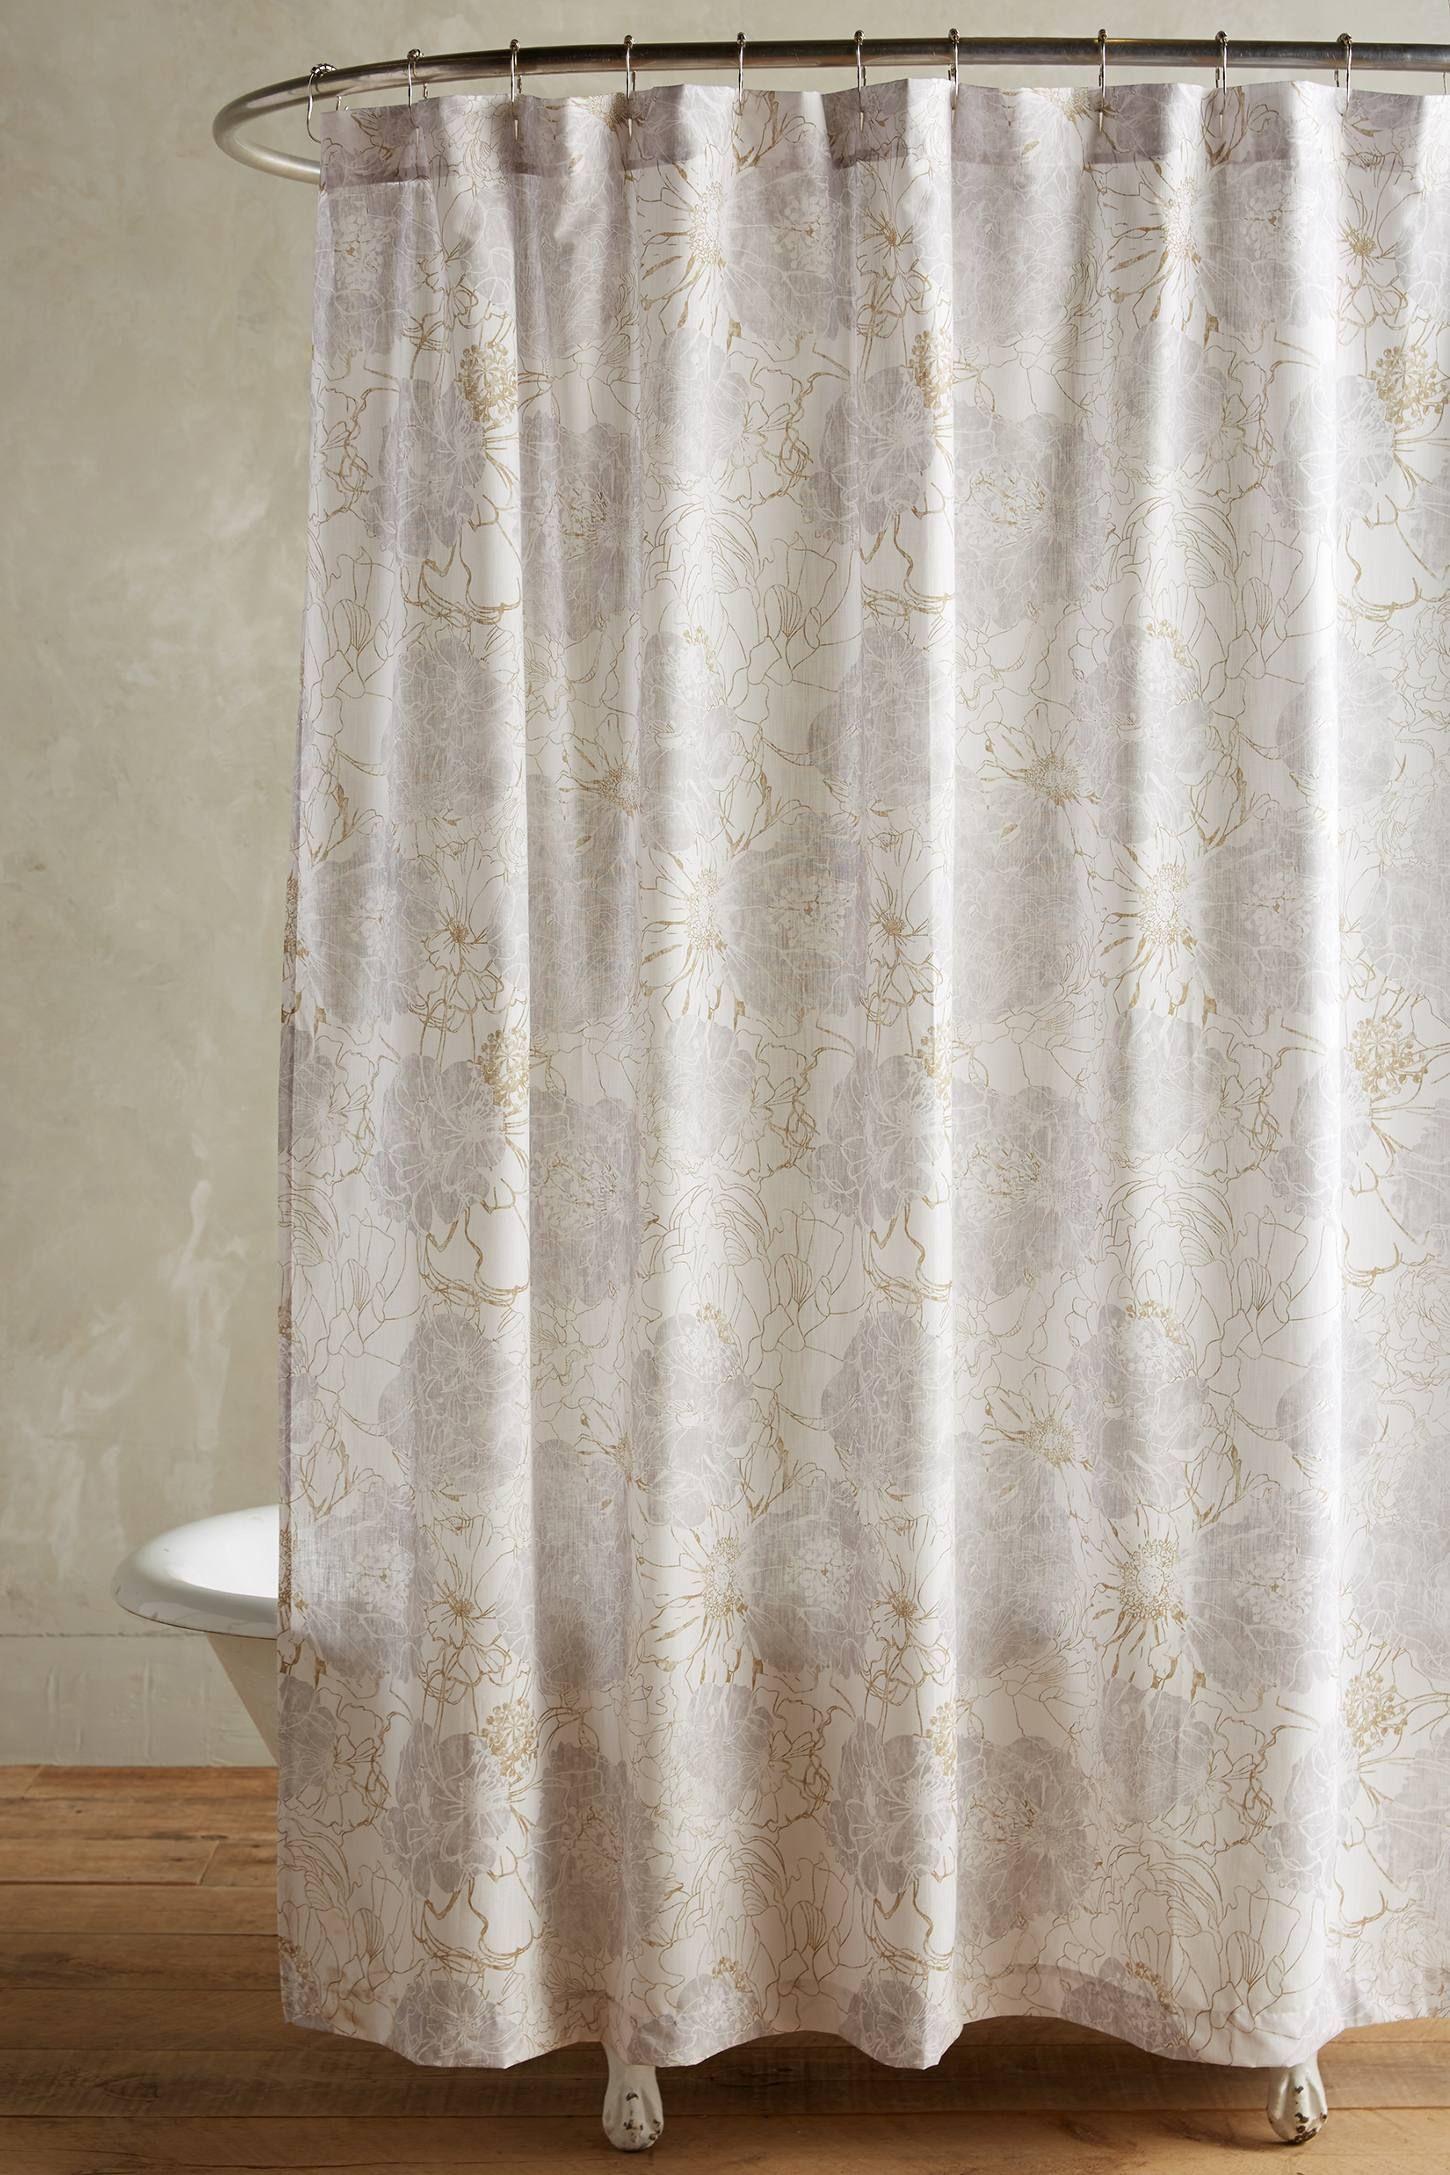 Tropical Blossom Shower Curtain